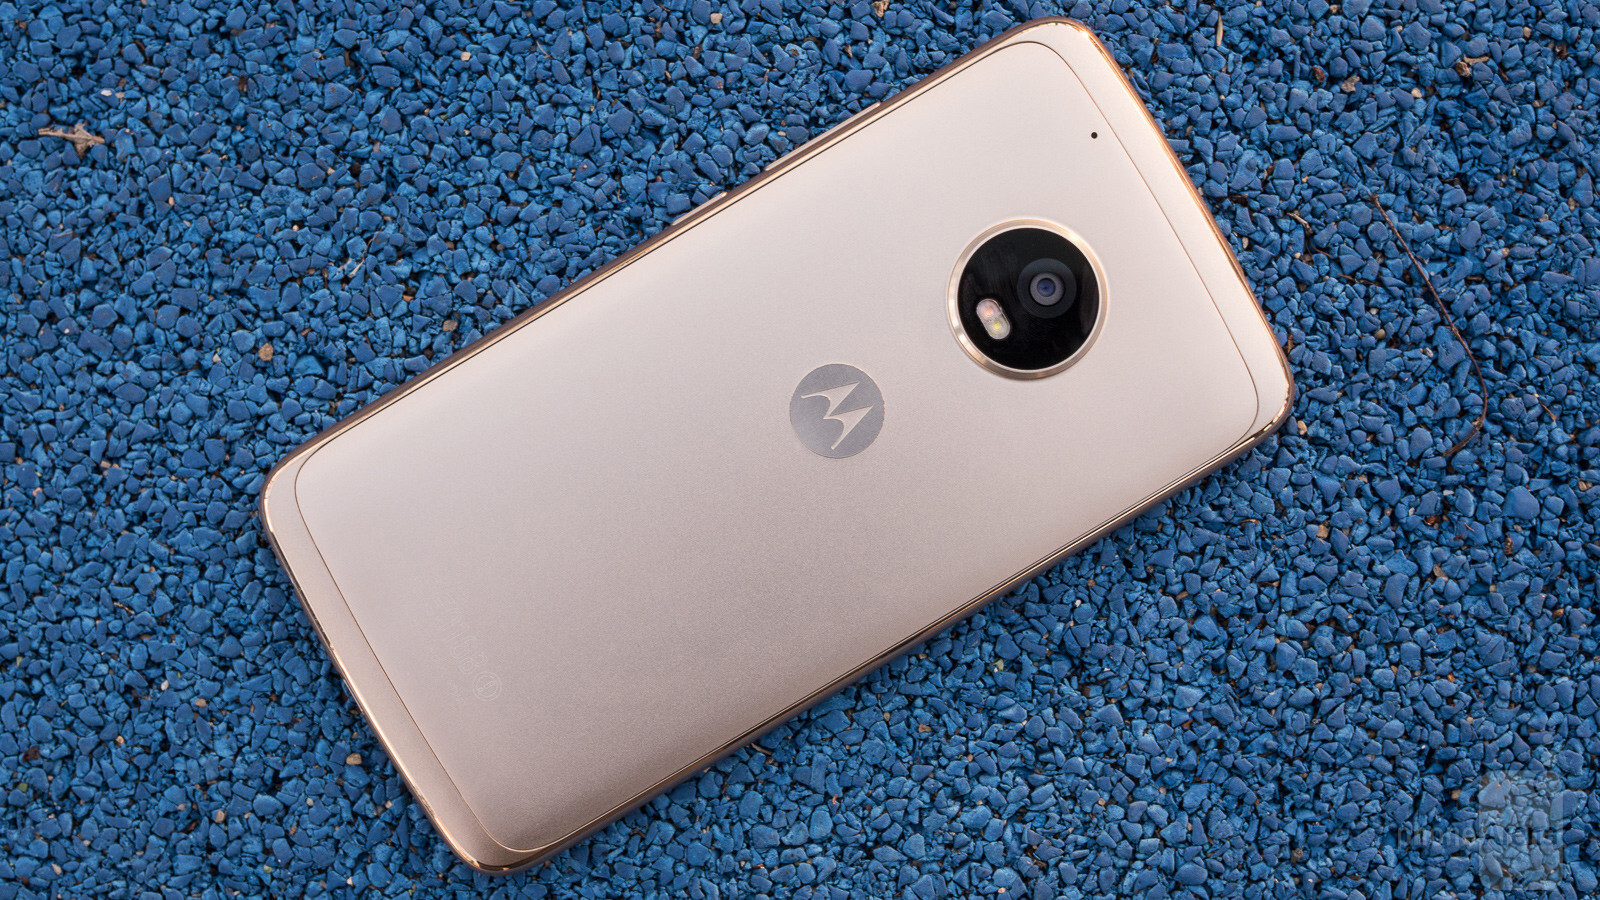 Moto G5 Plus Review - PhoneArena